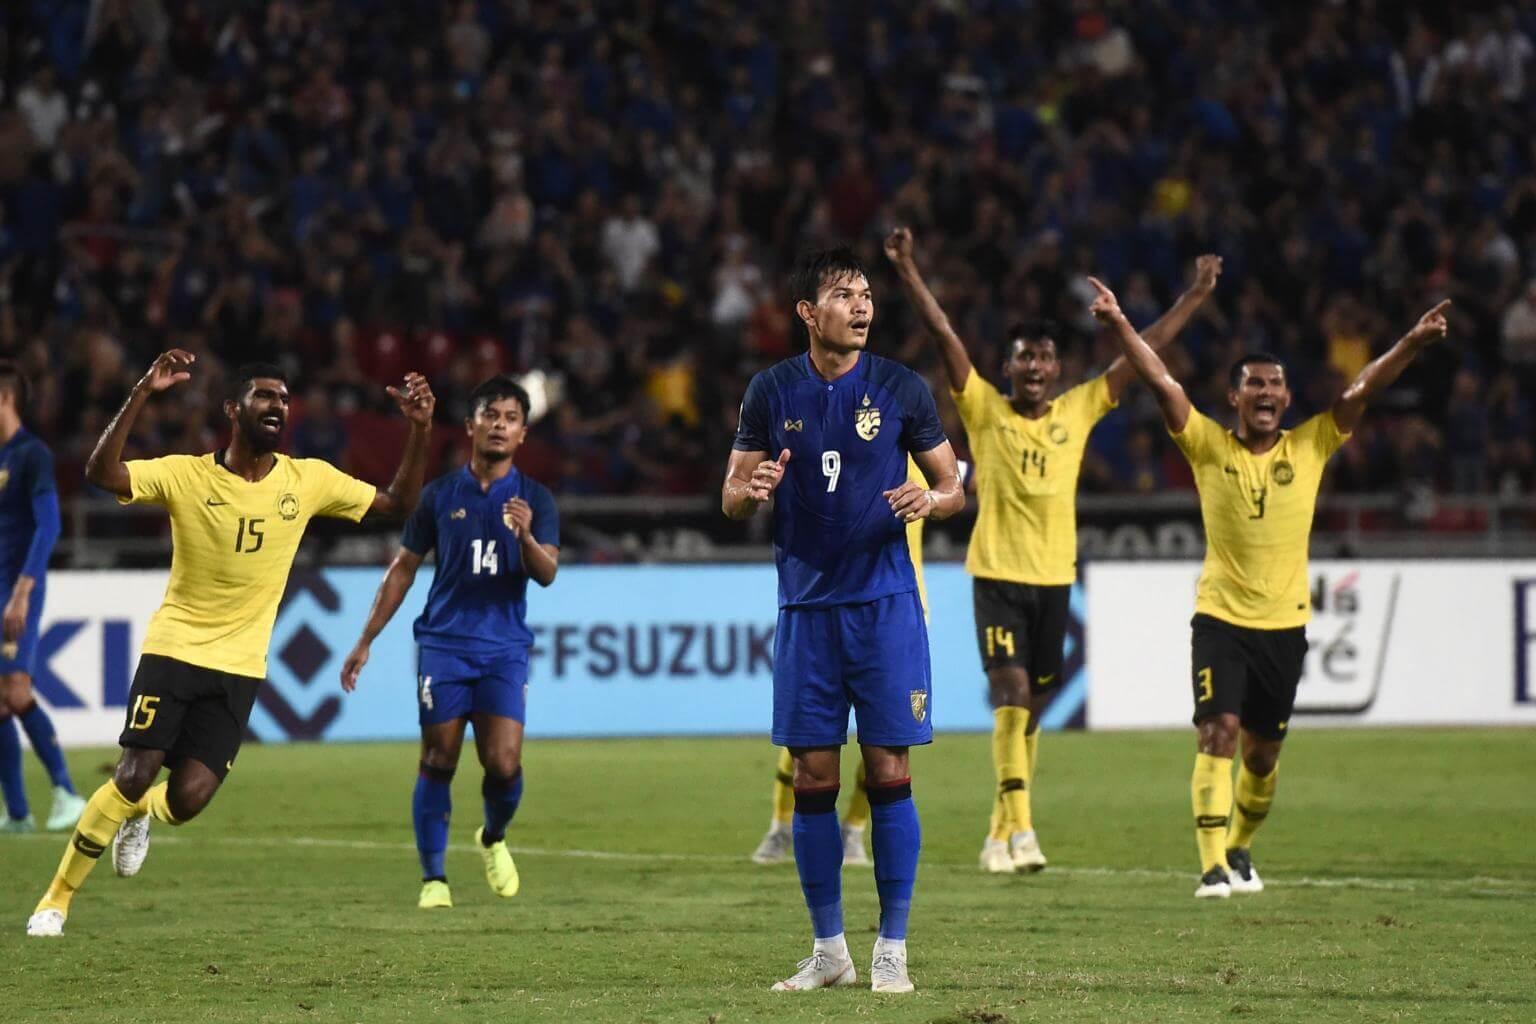 """Cú đá phạt đền hỏng ăn phút bù giờ trận bán kết AFF Cup 2018 của Adisak khiến Thái Lan bị Malaysia loại và """"Voi chiến"""" luôn xem Malaysia là đối thủ kỵ giơ. Ảnh: TL"""